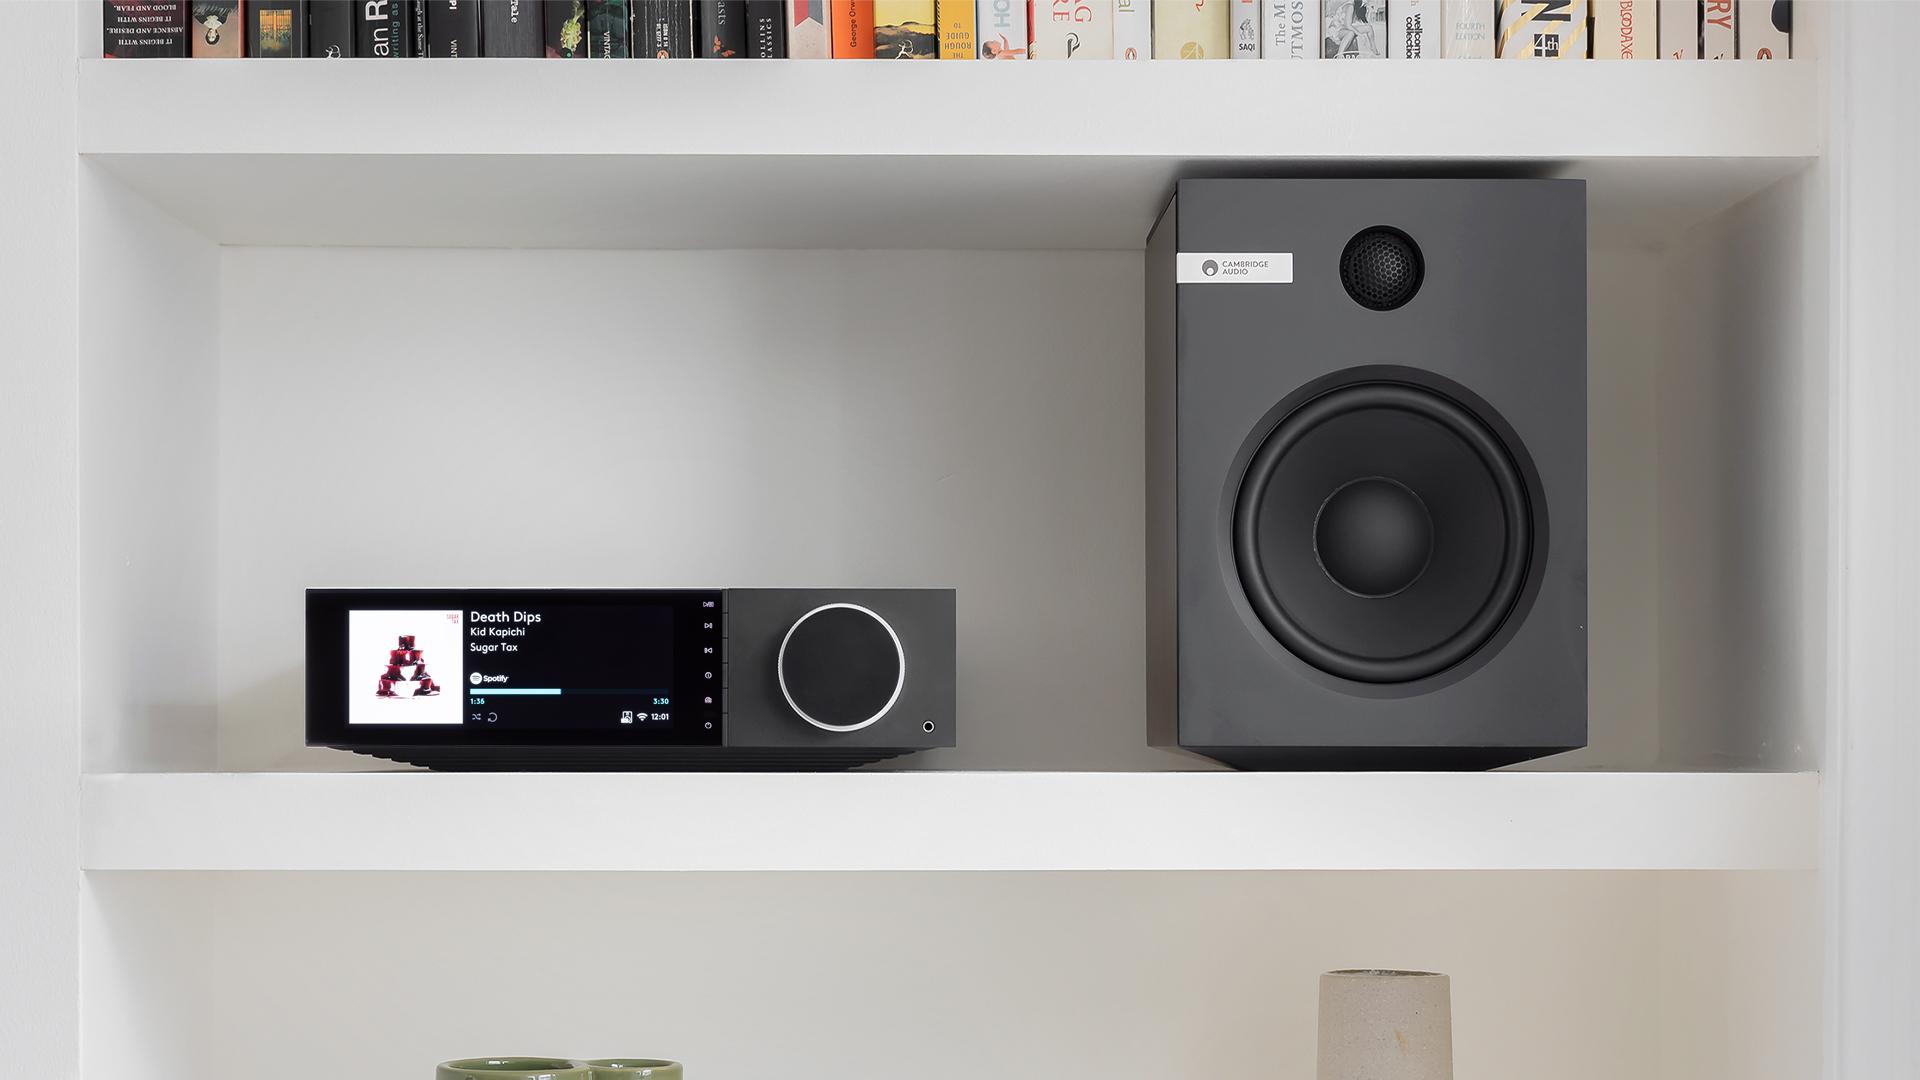 Cambridge Audio - evo set-up